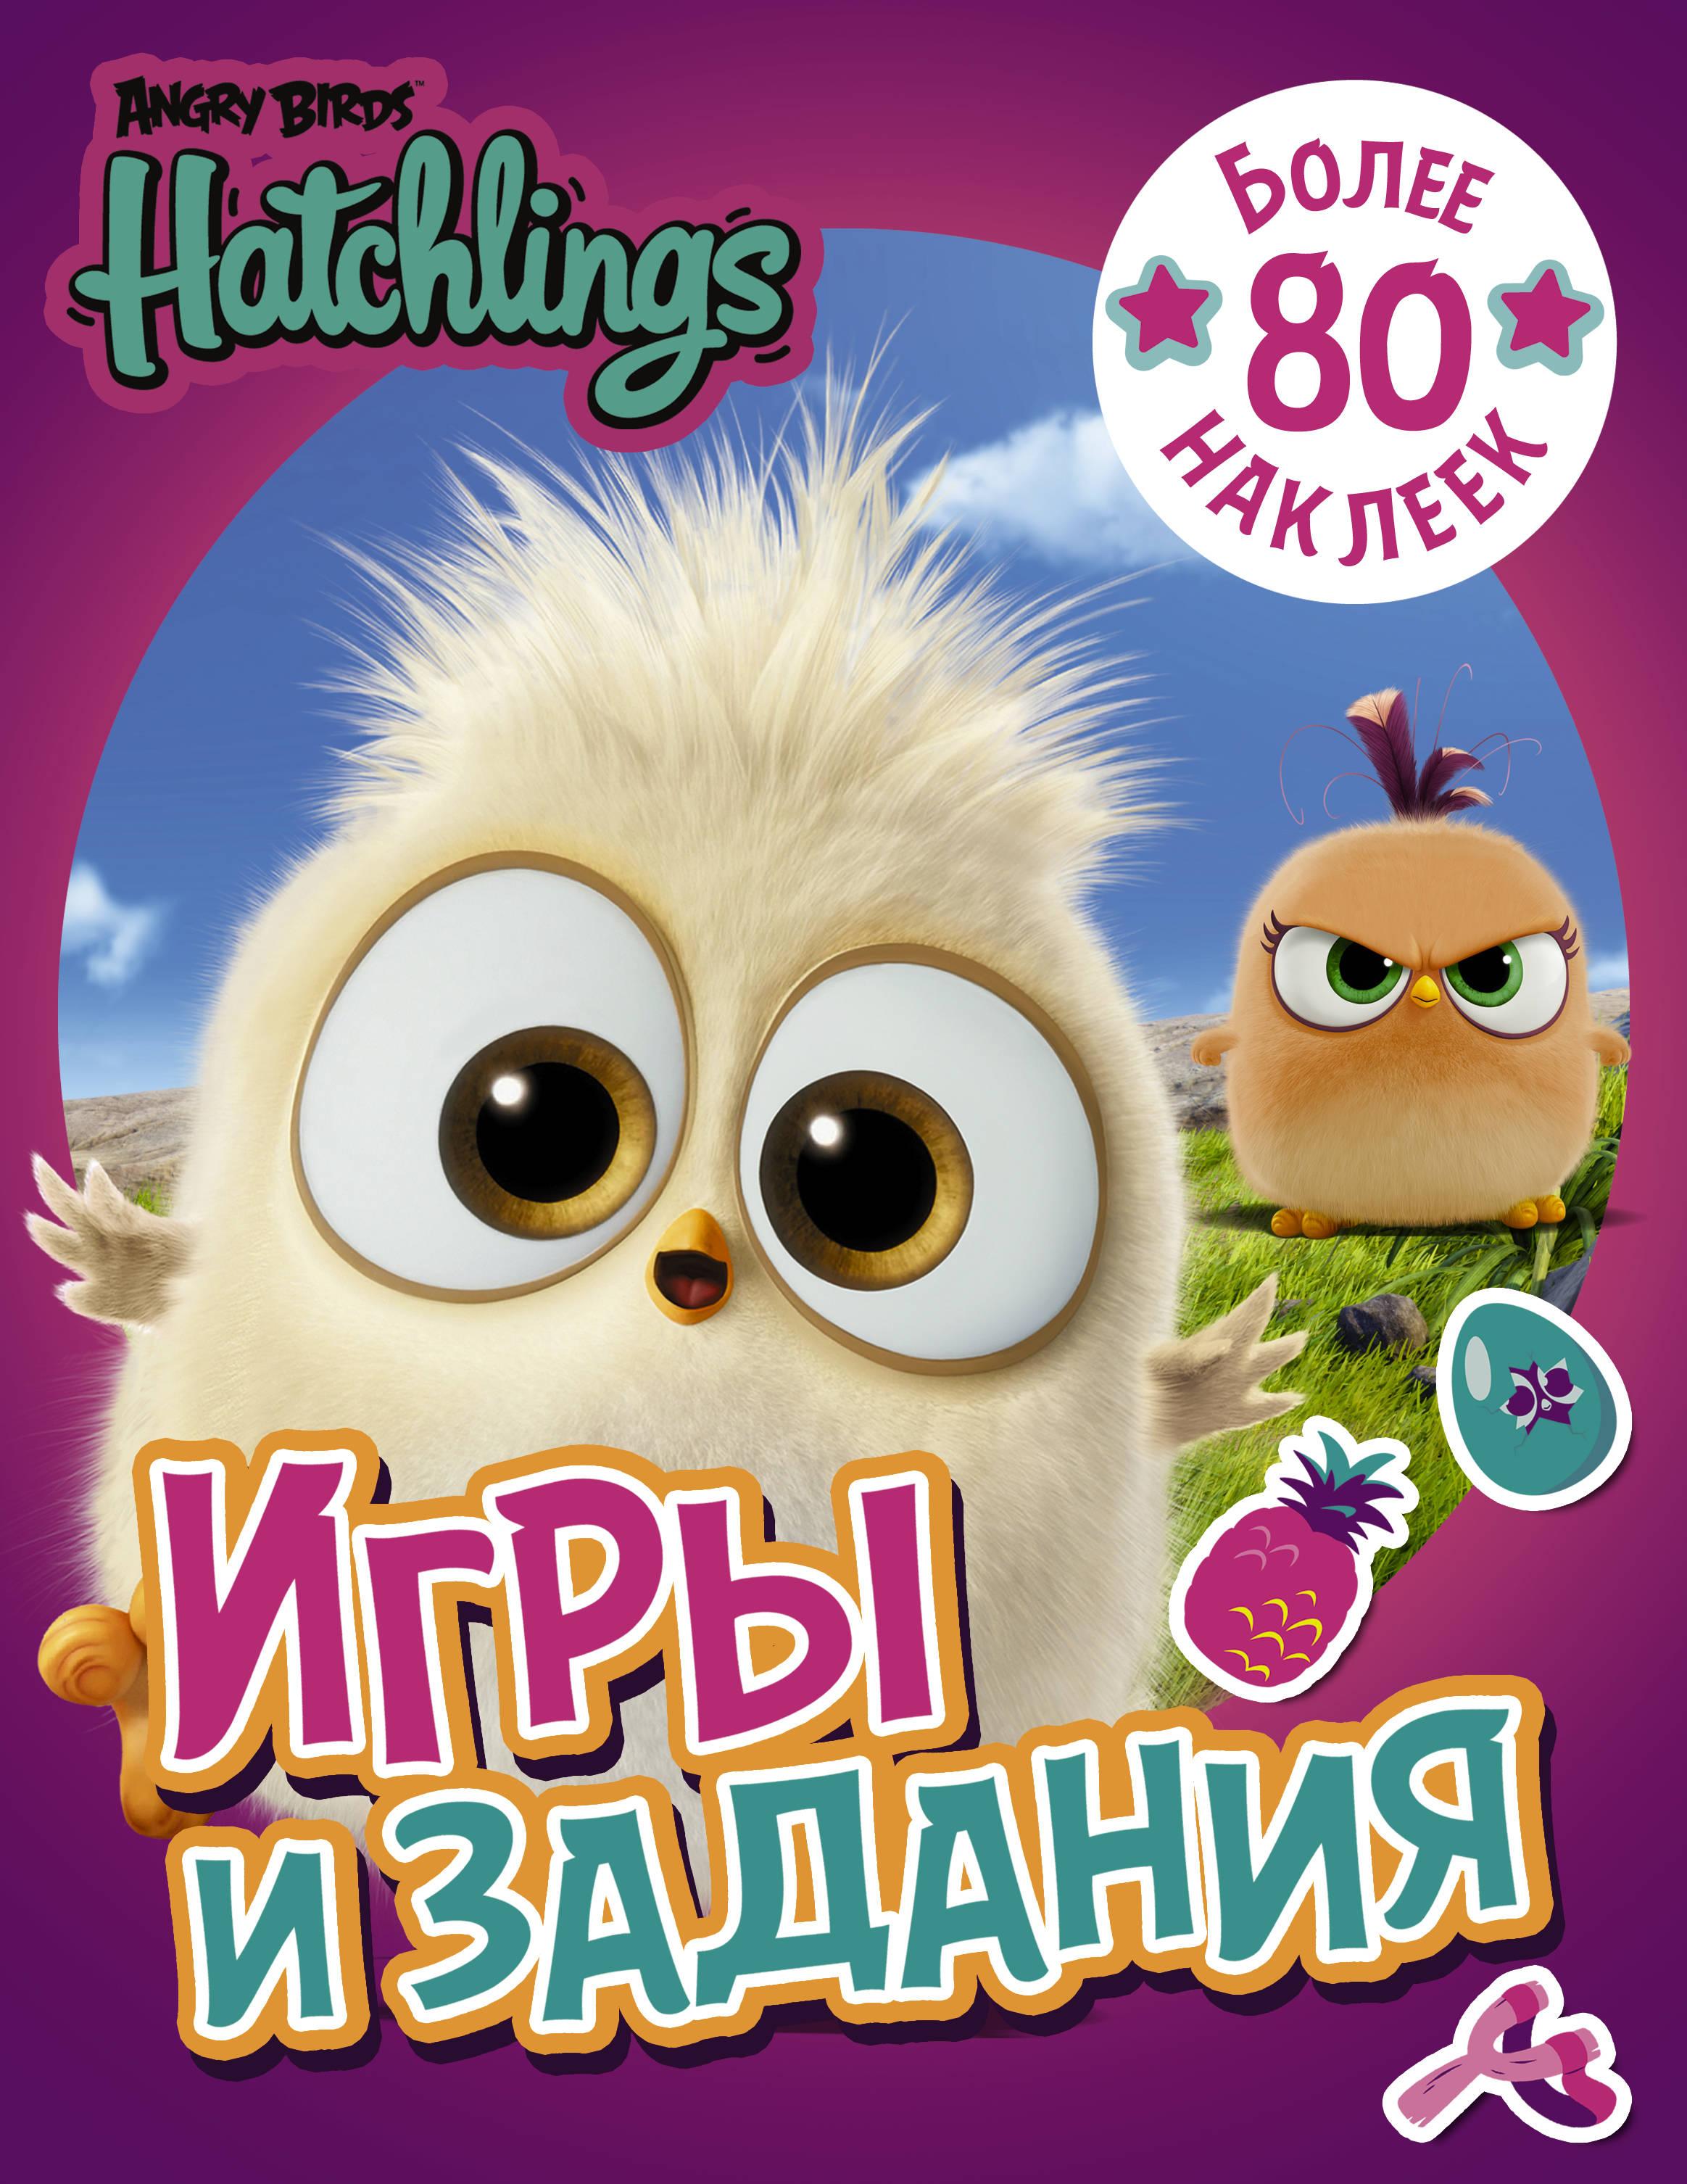 Angry Birds. Hatchlings. Игры и задания (с наклейками) данэльян и ред angry birds hatchlings игры с наклейками более 80 наклеек